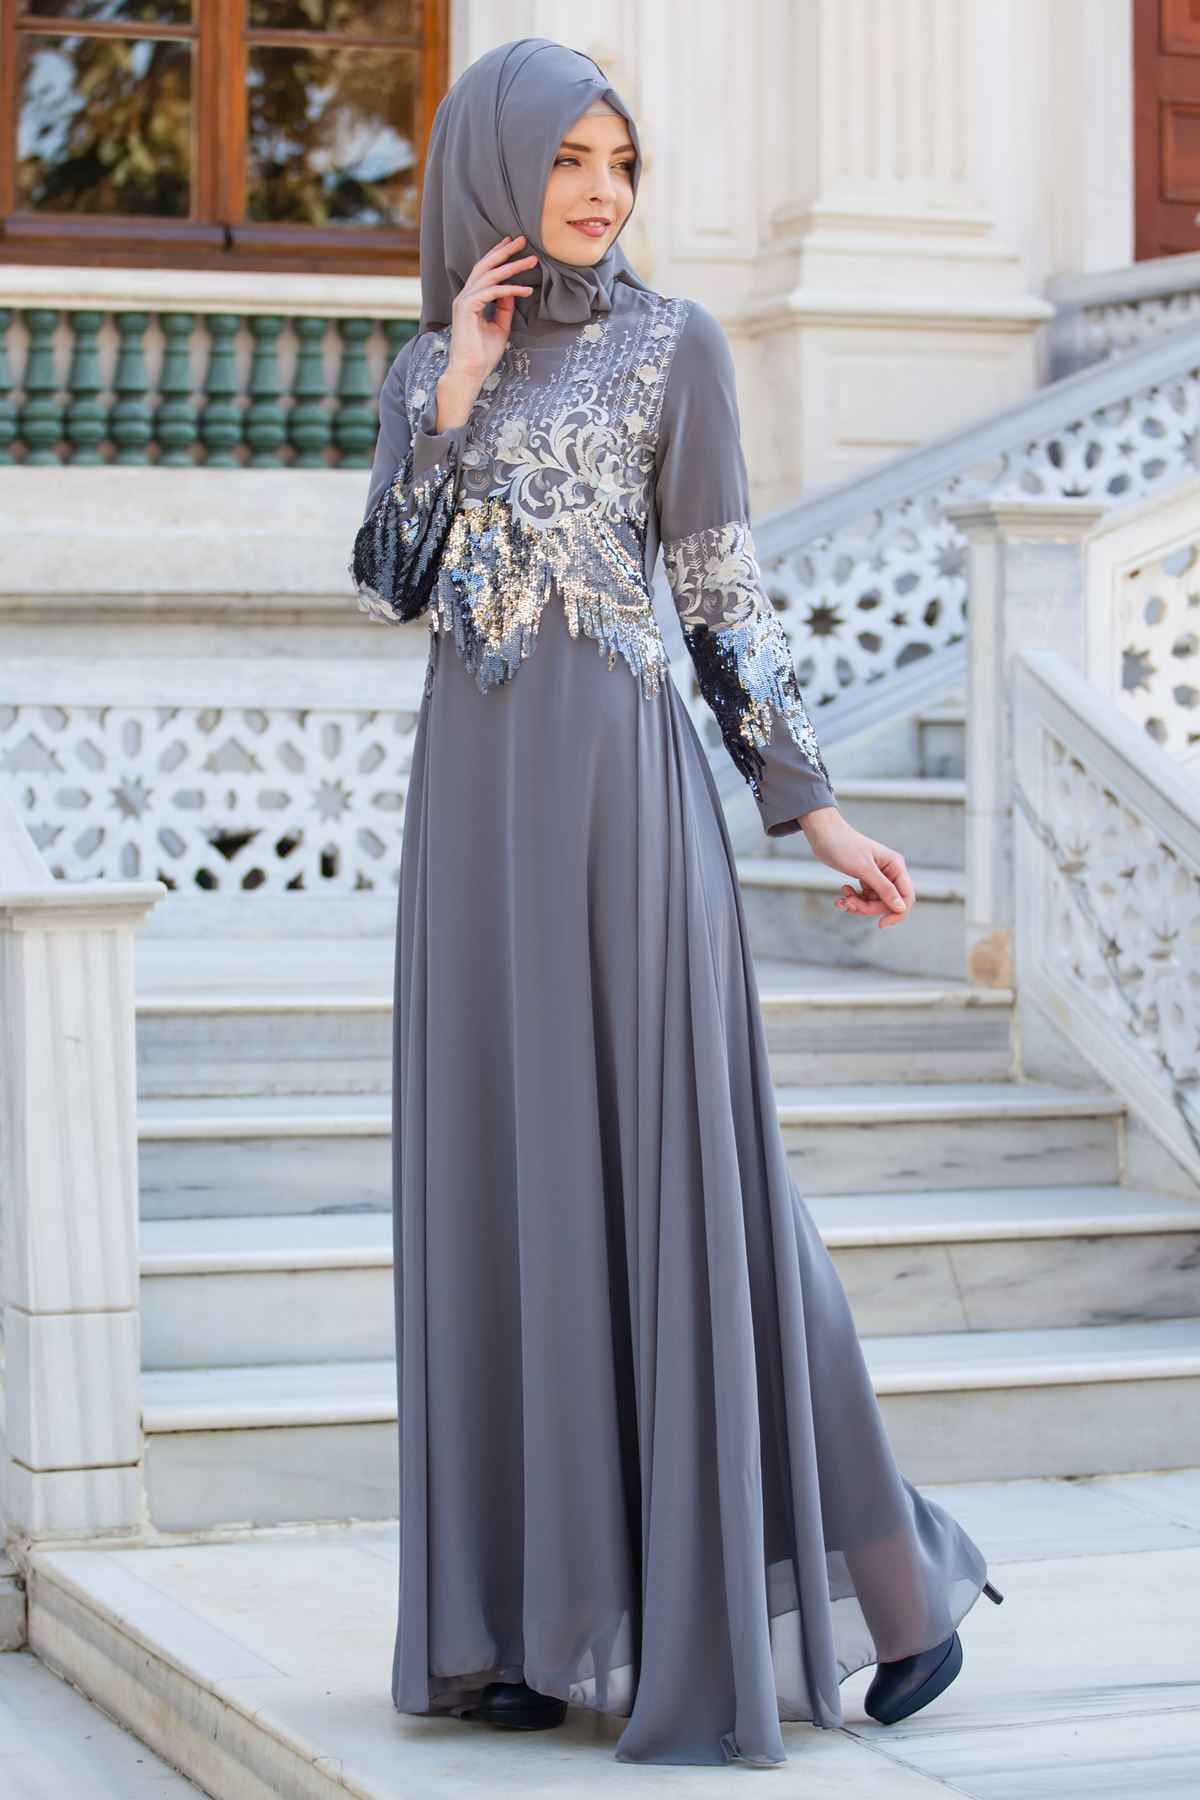 01b031891d370 Sedanur Tesettür Payetli Abiye Elbise Modelleri - Moda Tesettür Giyim